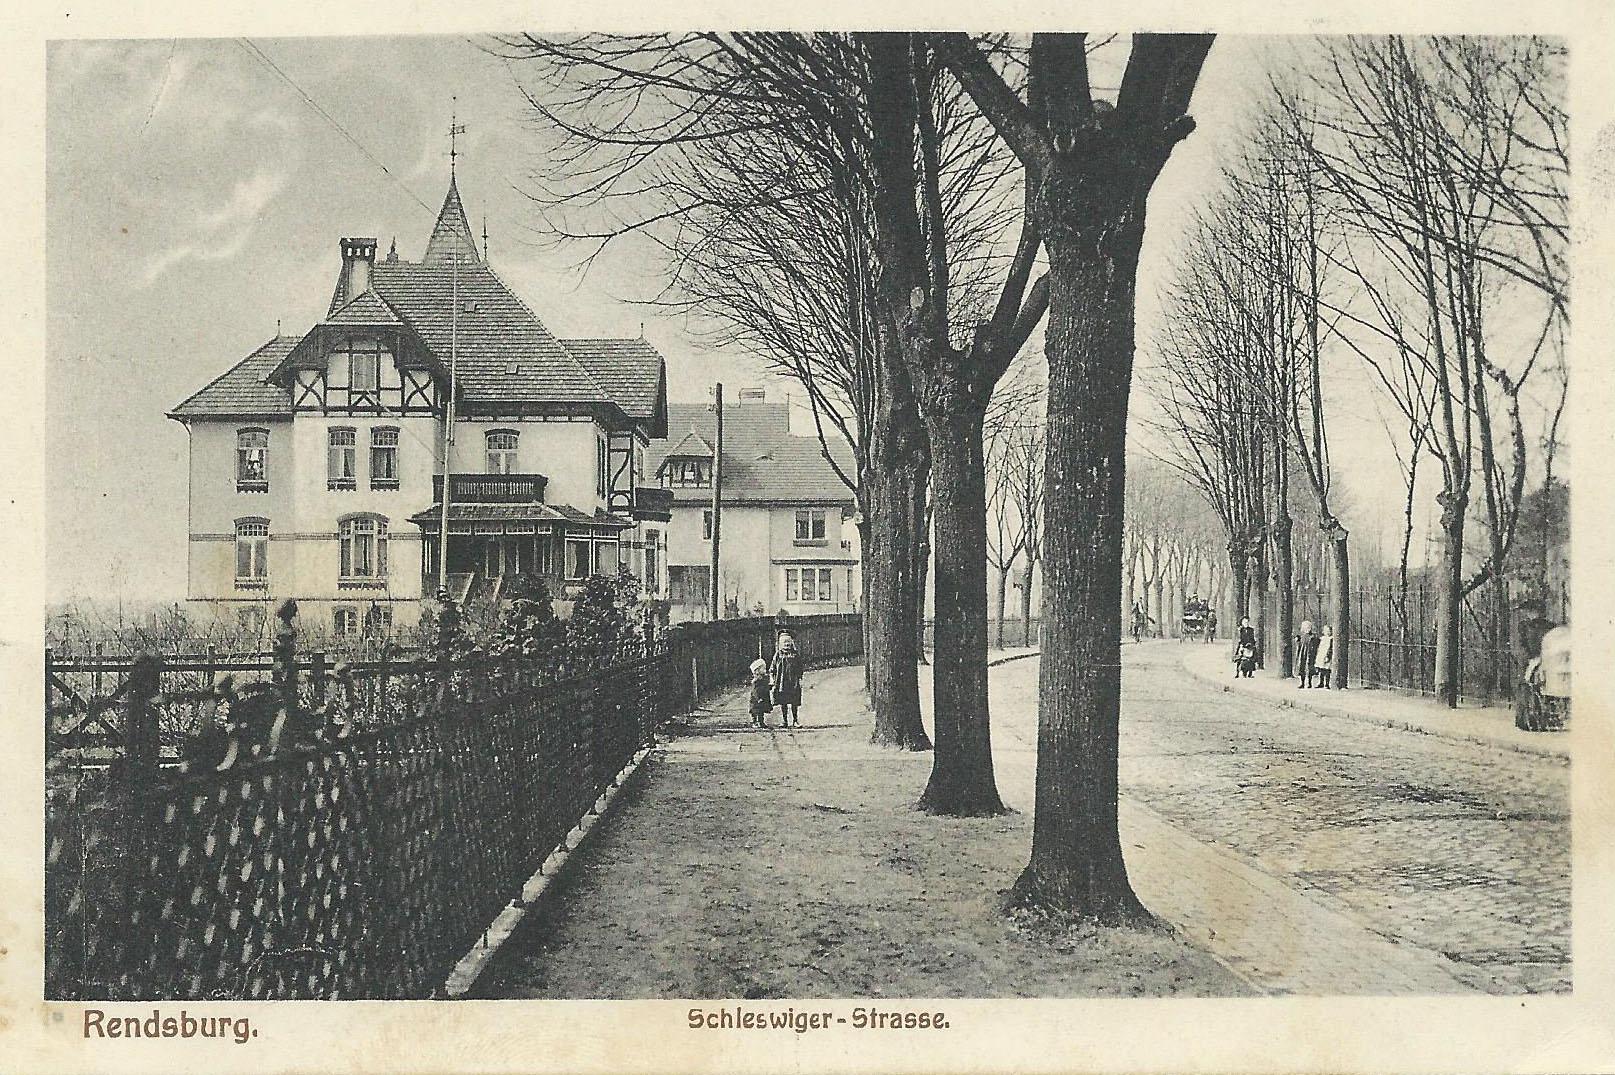 Schleswiger Straße